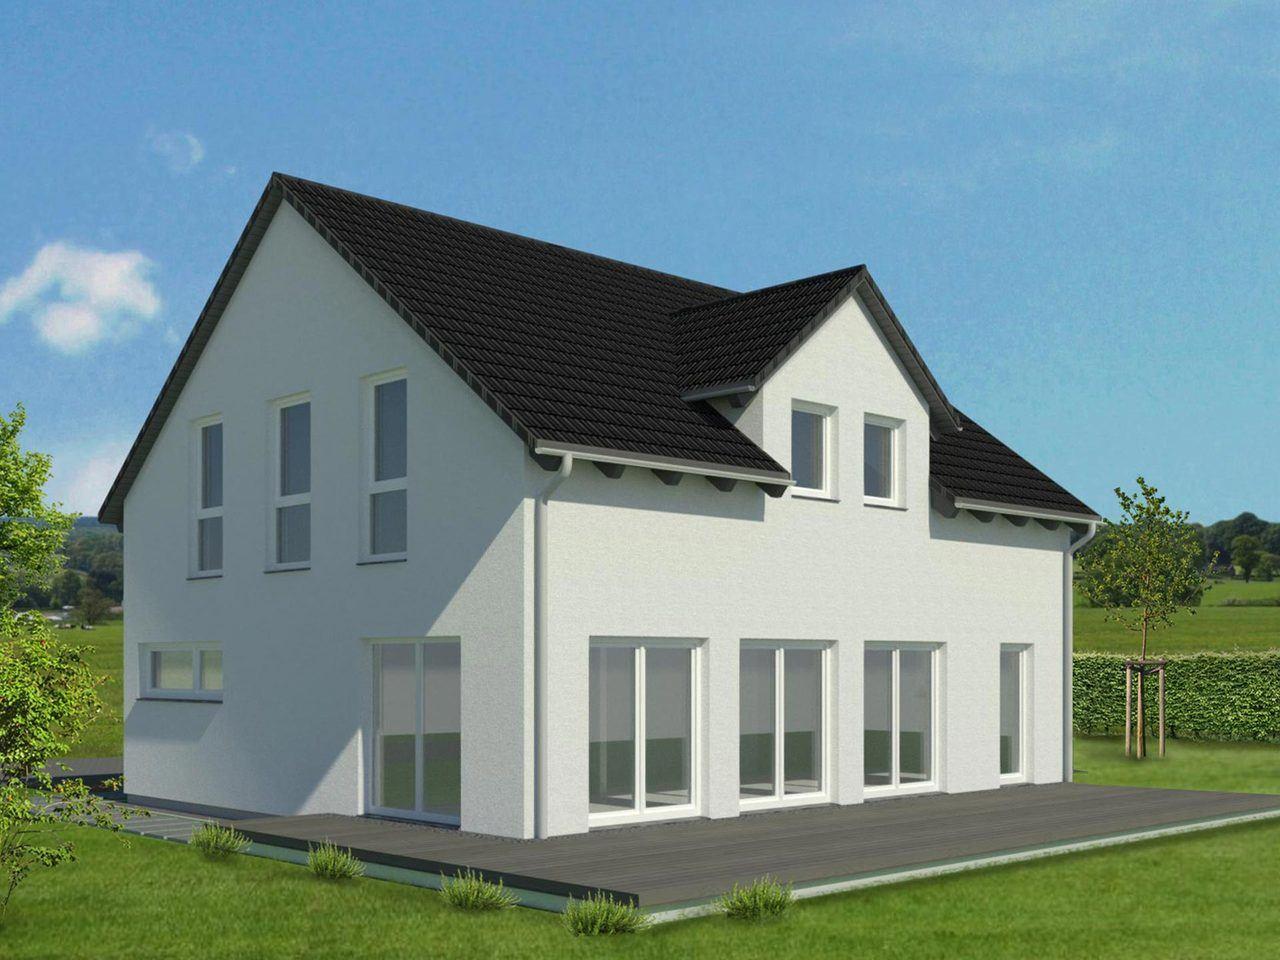 Einfamilienhaus Chausseestraße 157 - Ansicht 4